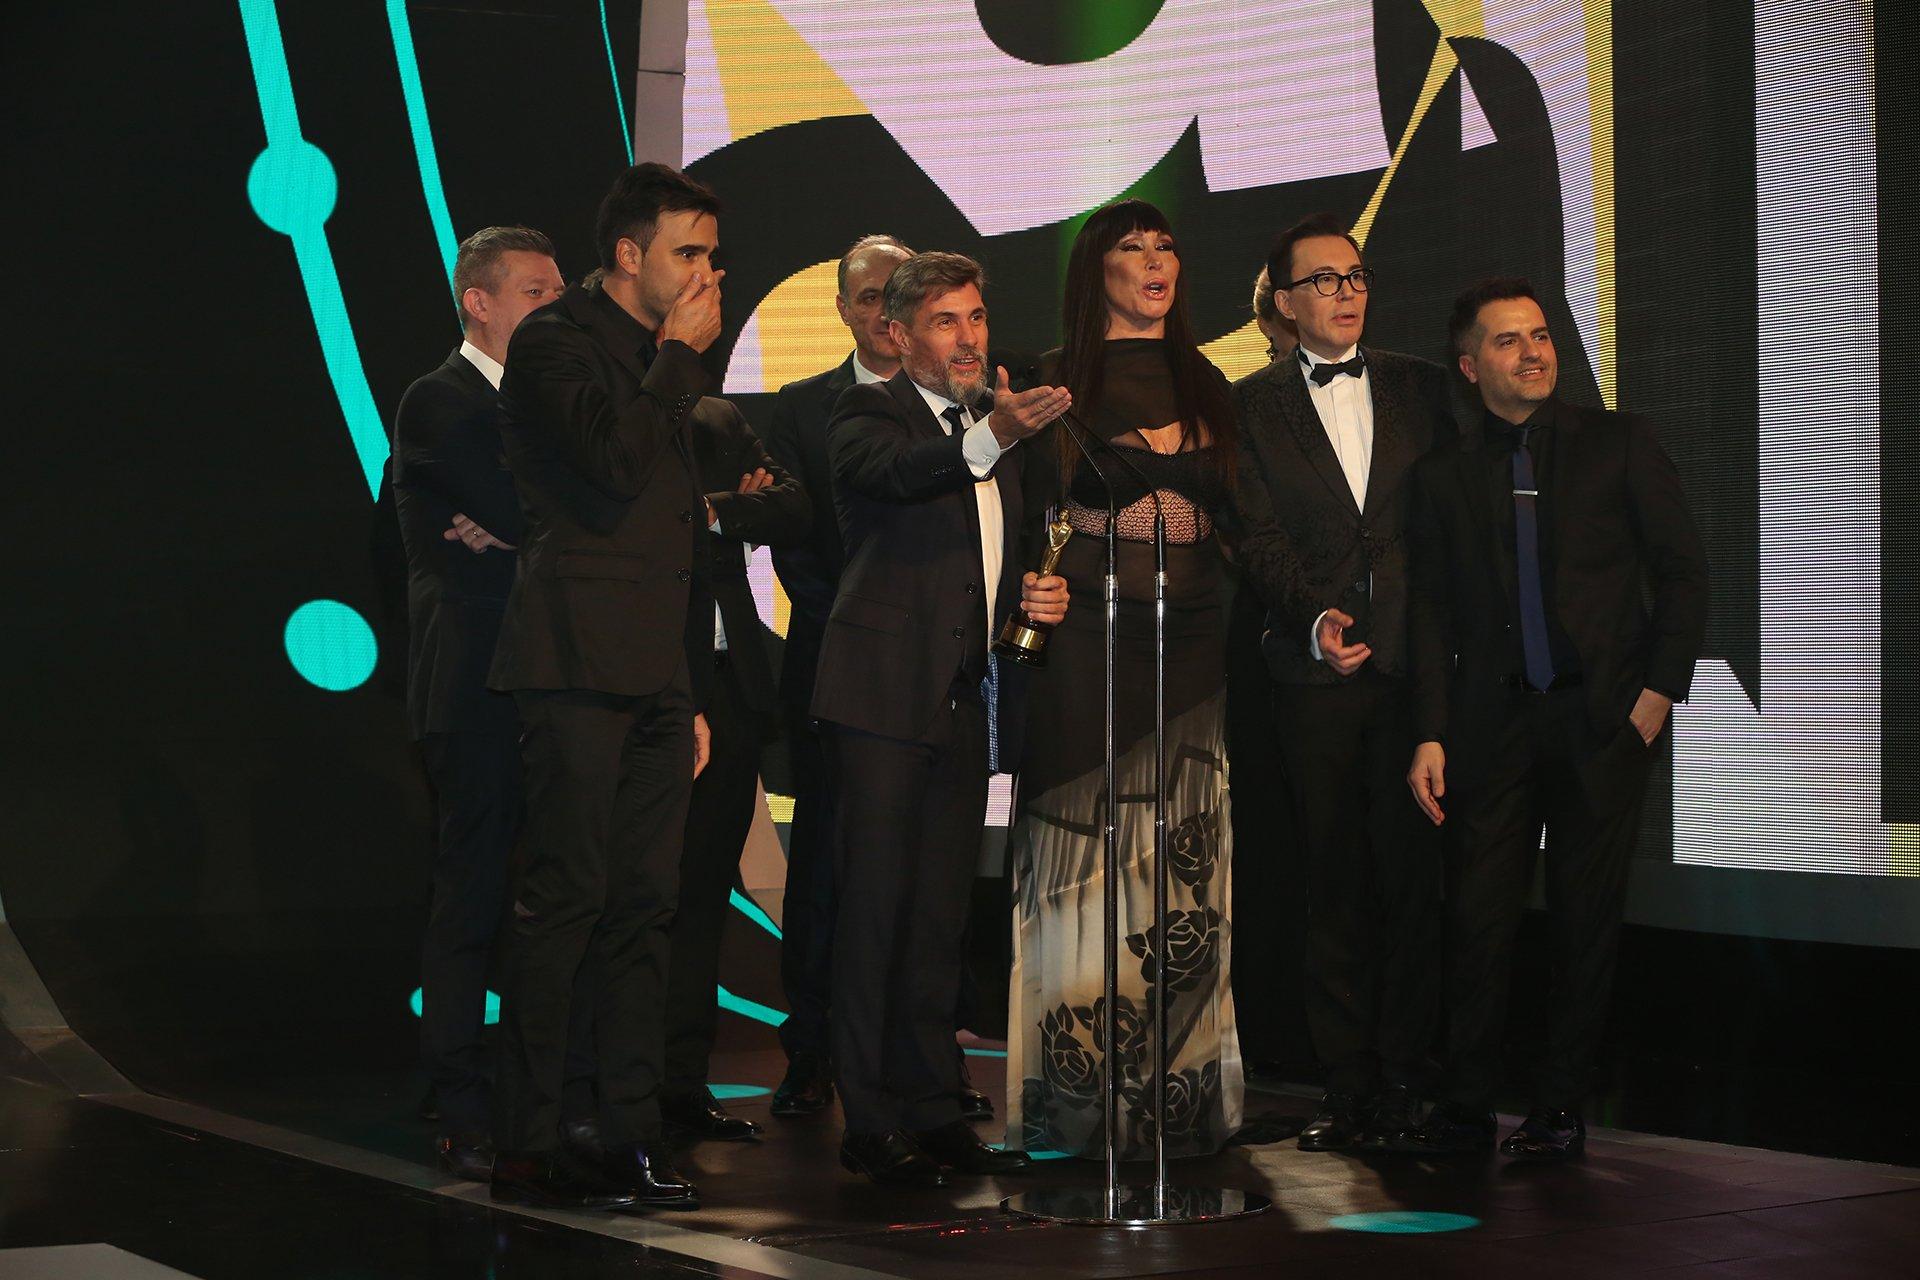 Federico Hope, Pablo Chato Prada y Claudio Salomone, parte del equipo de ShowMatch queganó el Martín Fierro 2016 en la categoría Reality Show.